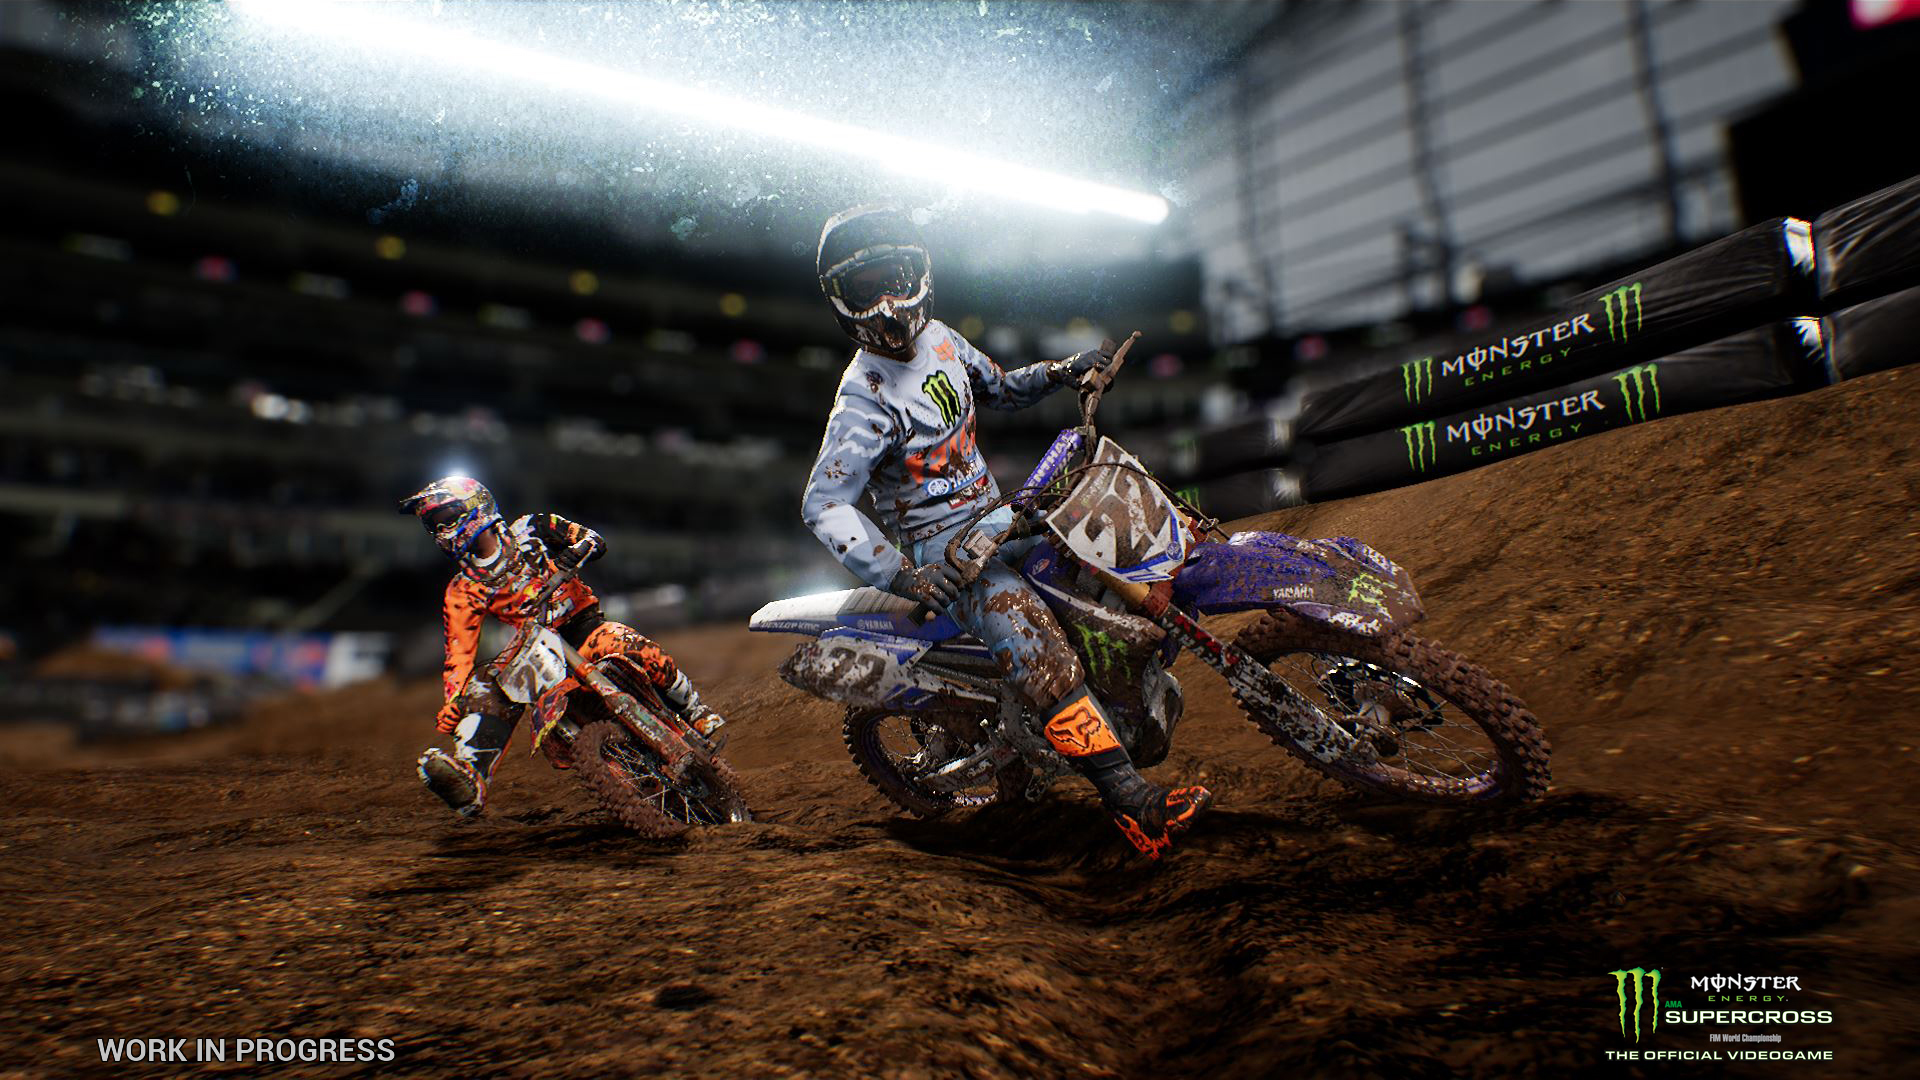 Milestone chystají motokrosové závody Monster Energy Supercross 151280